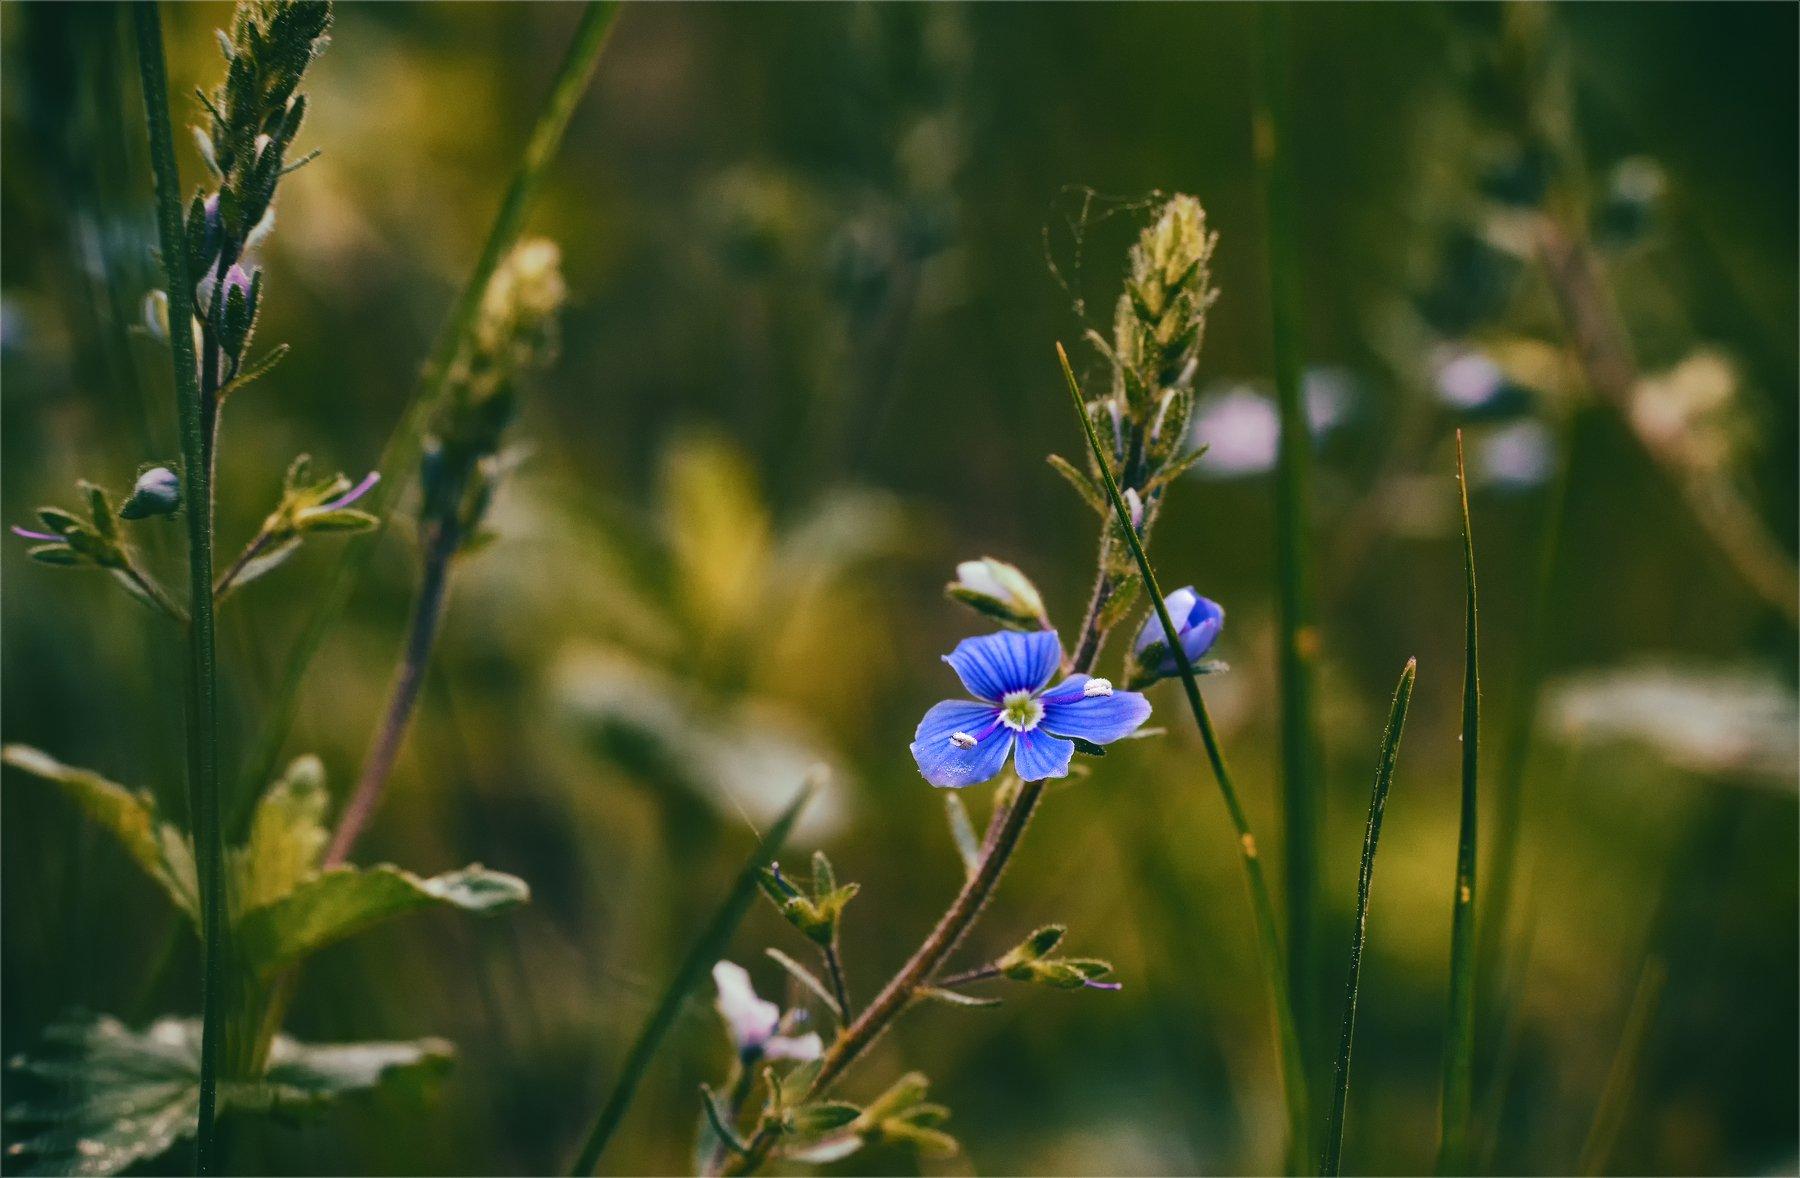 nature, природа,  растение, листья,,  цветы, цветок, макро, цвести,  весна, красота, лето, вероника, полевые цветы, зеленый, синий, Михаил MSH